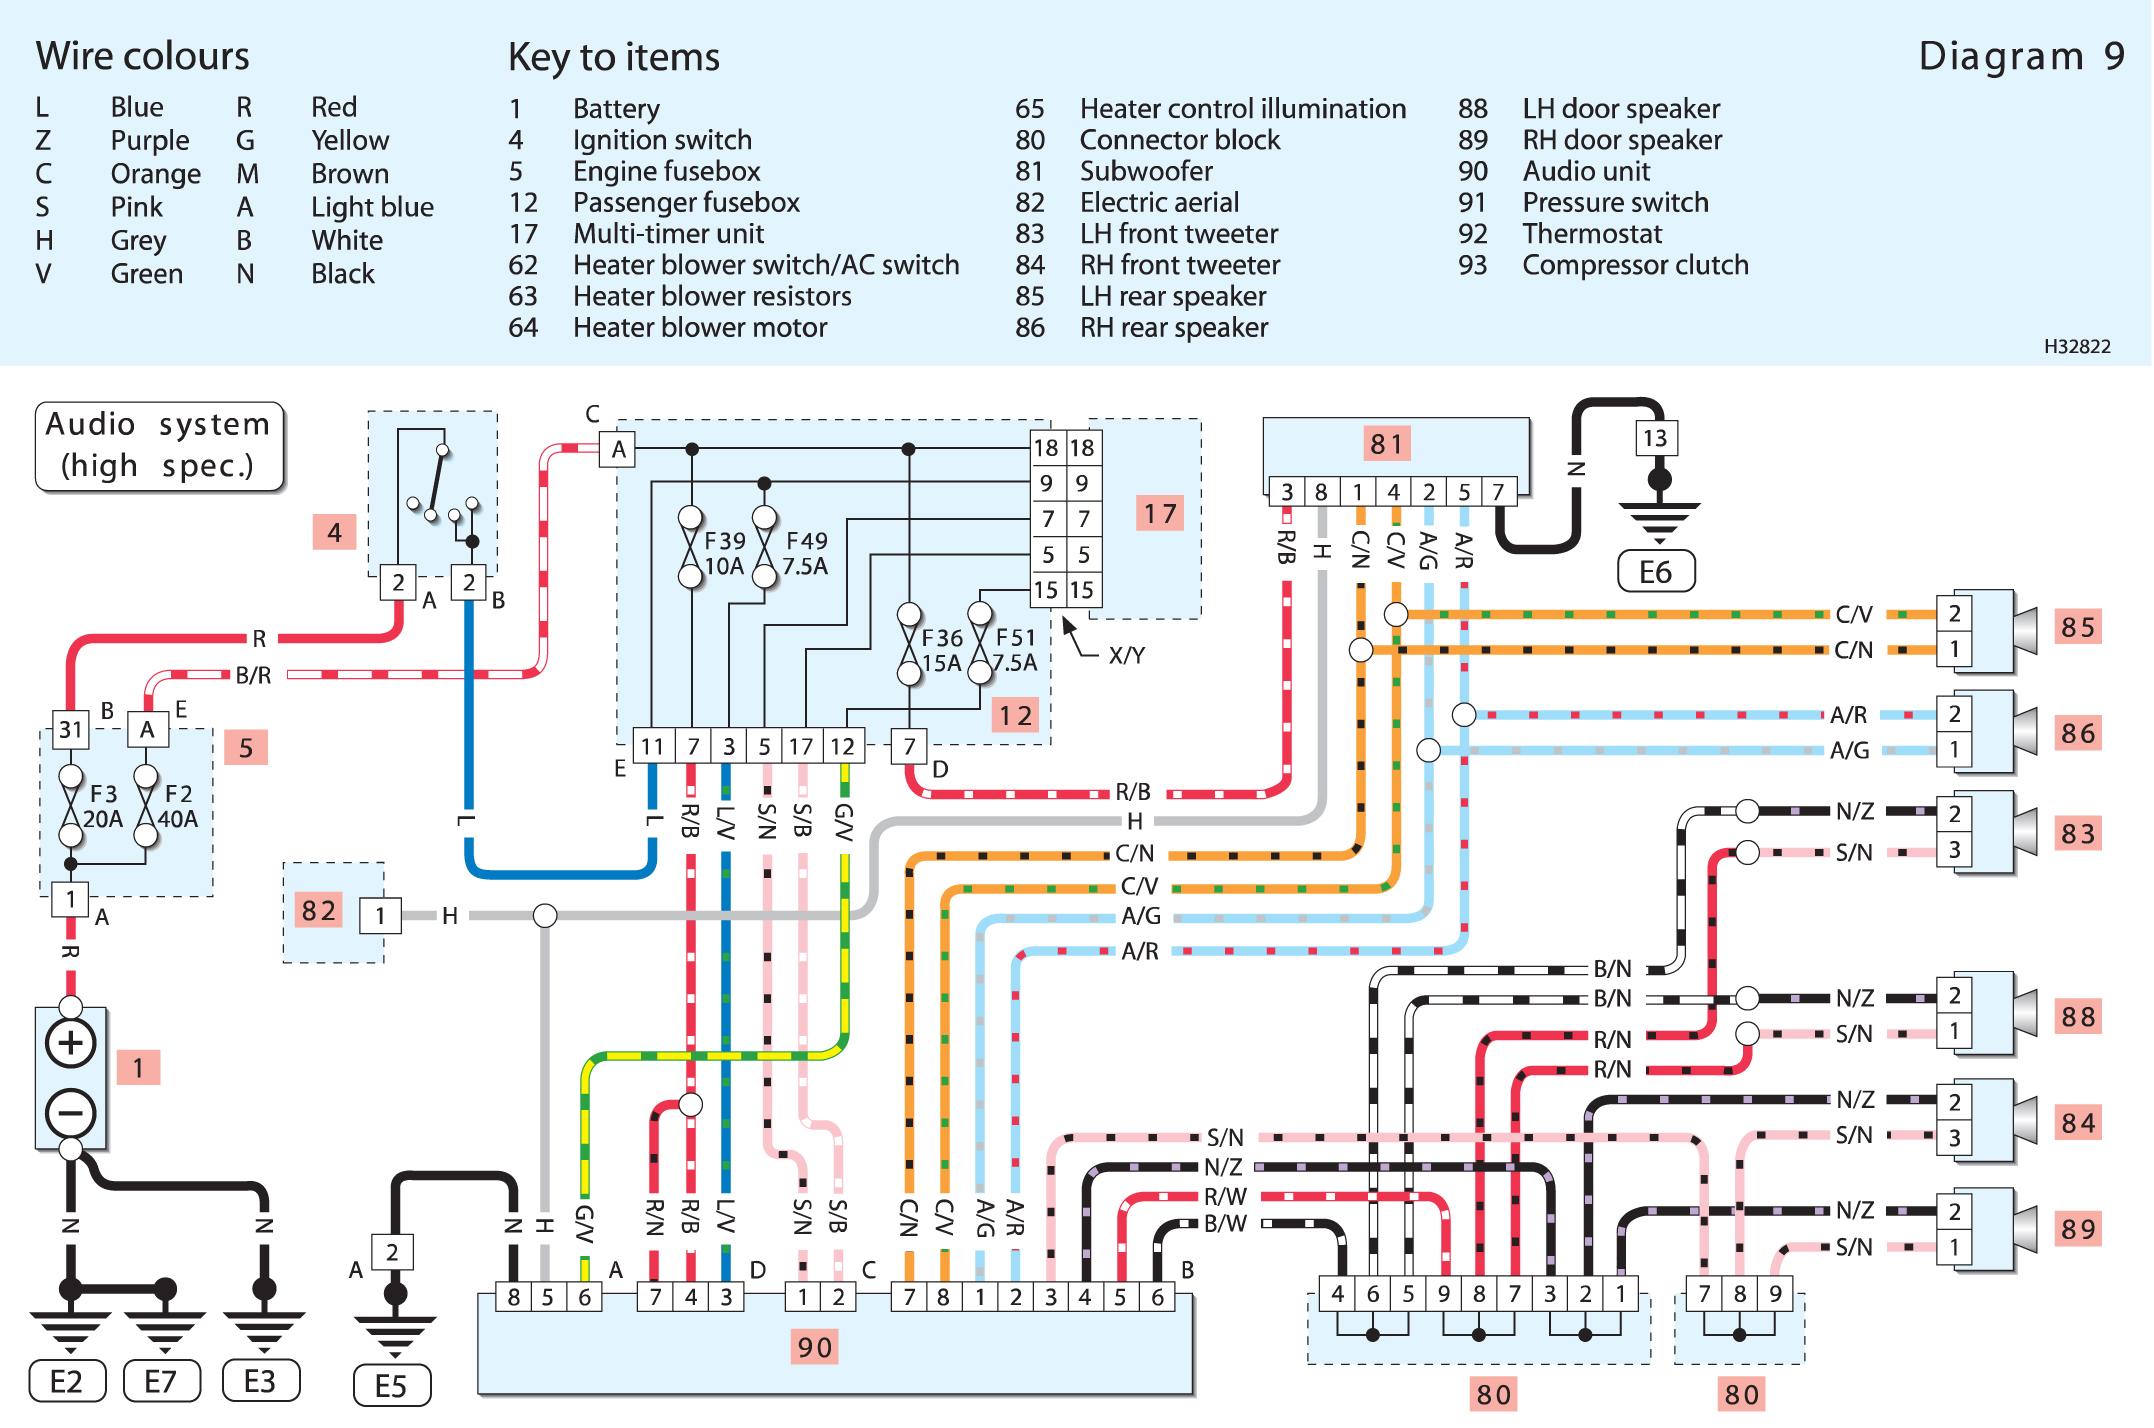 fiat uno wiring diagram detailed wiring diagram fiat 600 wiring diagram fiat uno wiring diagram [ 2154 x 1428 Pixel ]